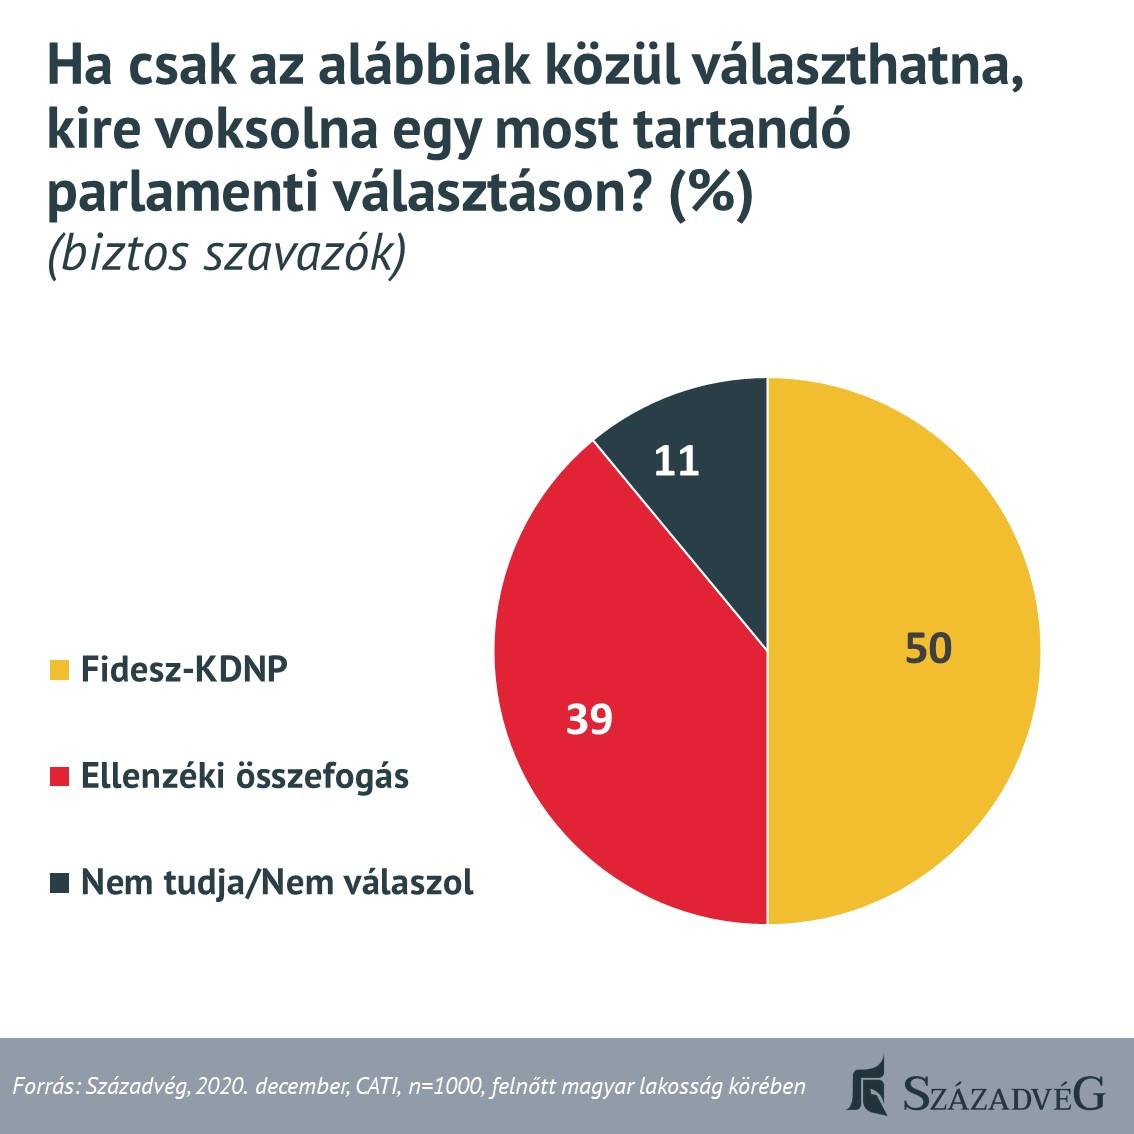 A Századvég a formálódó ellenzéki összefogás kapcsán megvizsgálta a baloldali tömb és a kormánypártok támogatottságát